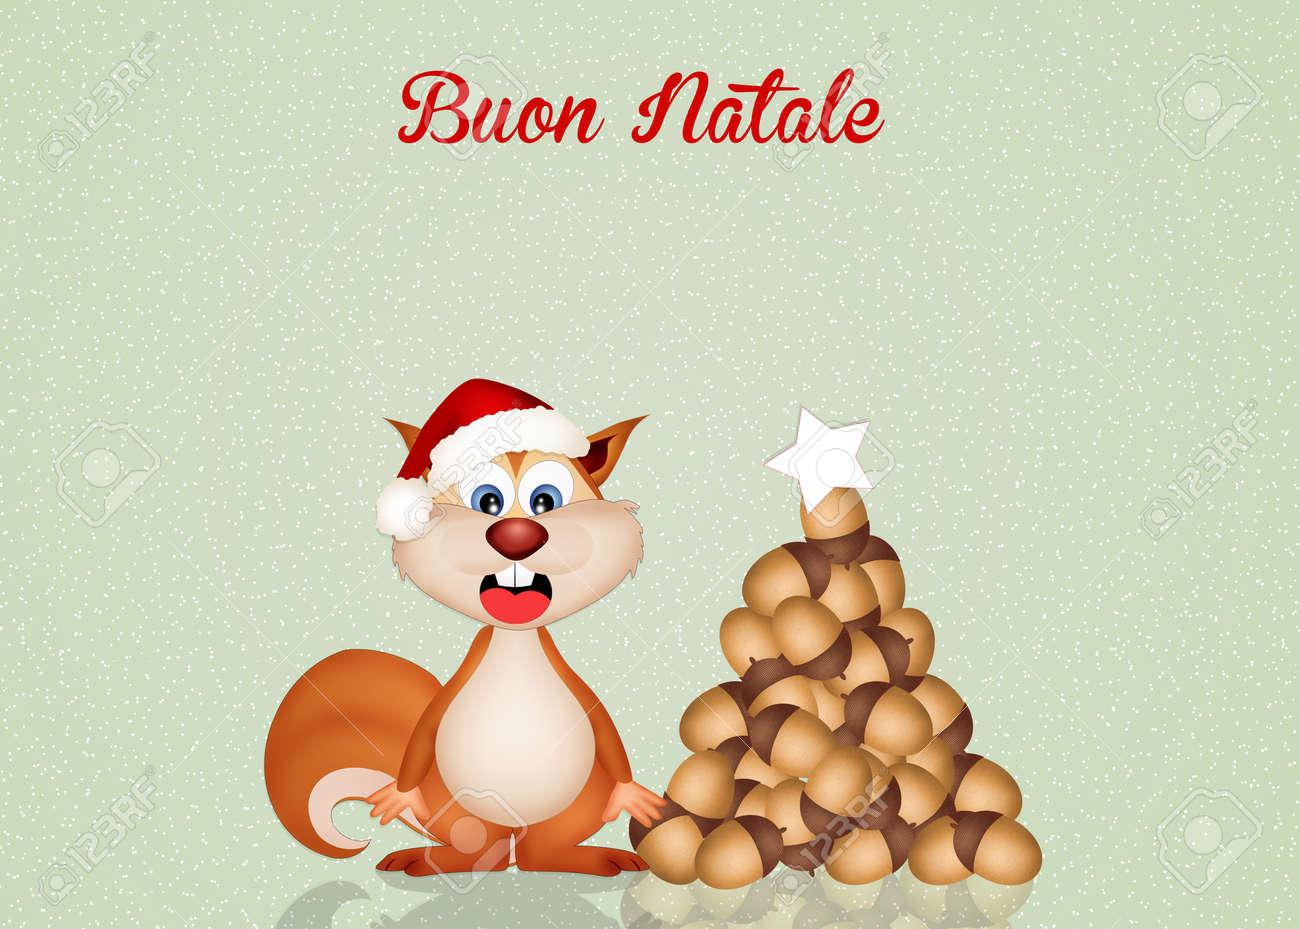 Lustiges Eichhörnchen Bei Weihnachten Lizenzfreie Fotos, Bilder Und ...